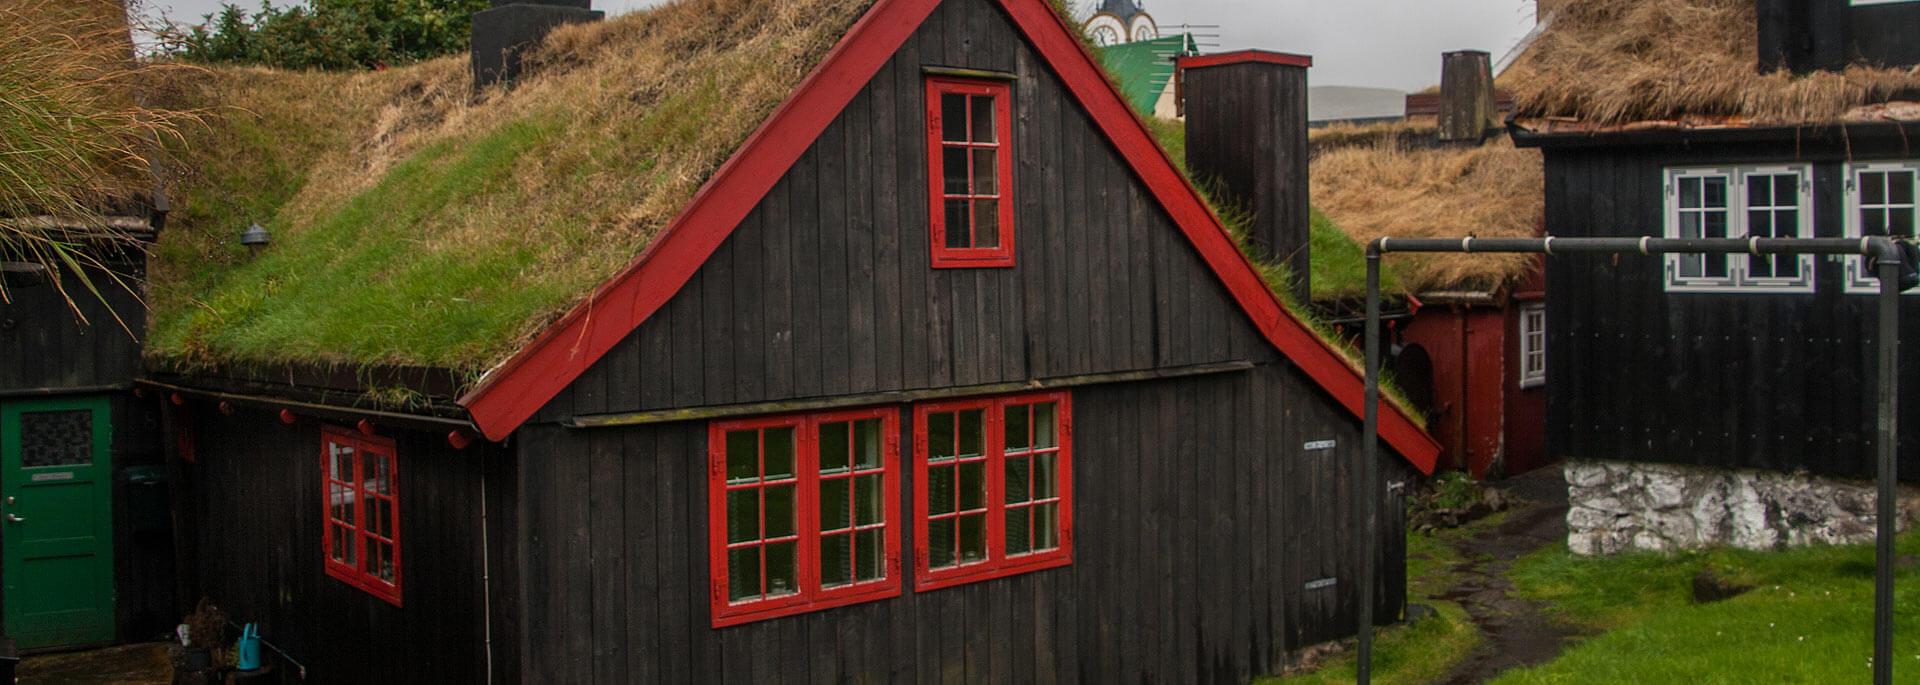 Fotos: Spaziergang durch Tórshavn, Hauptstadt der Färöer-Inseln